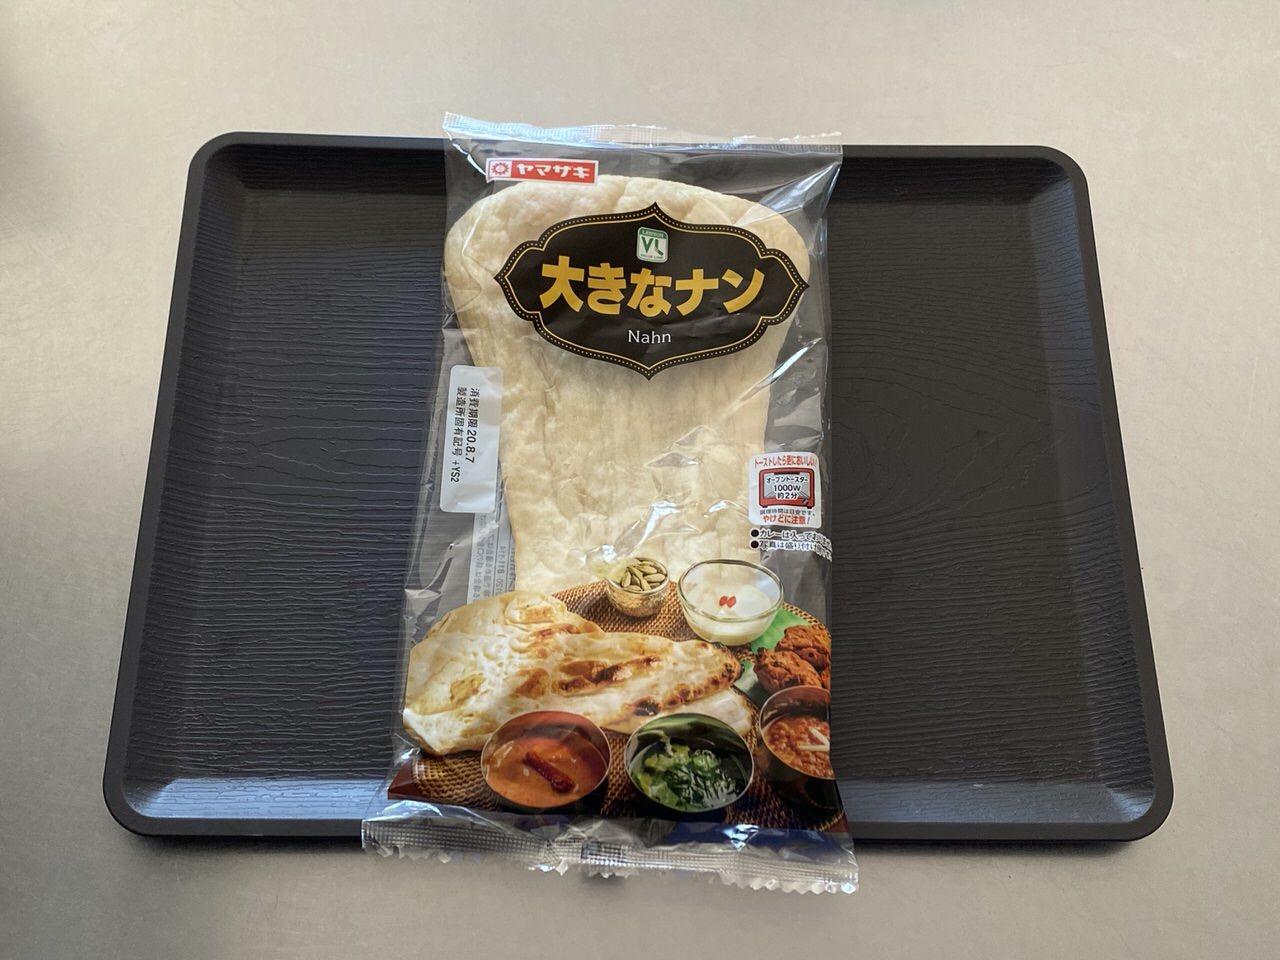 【ローソン100】「大きなナン(通称100円ナン)」3